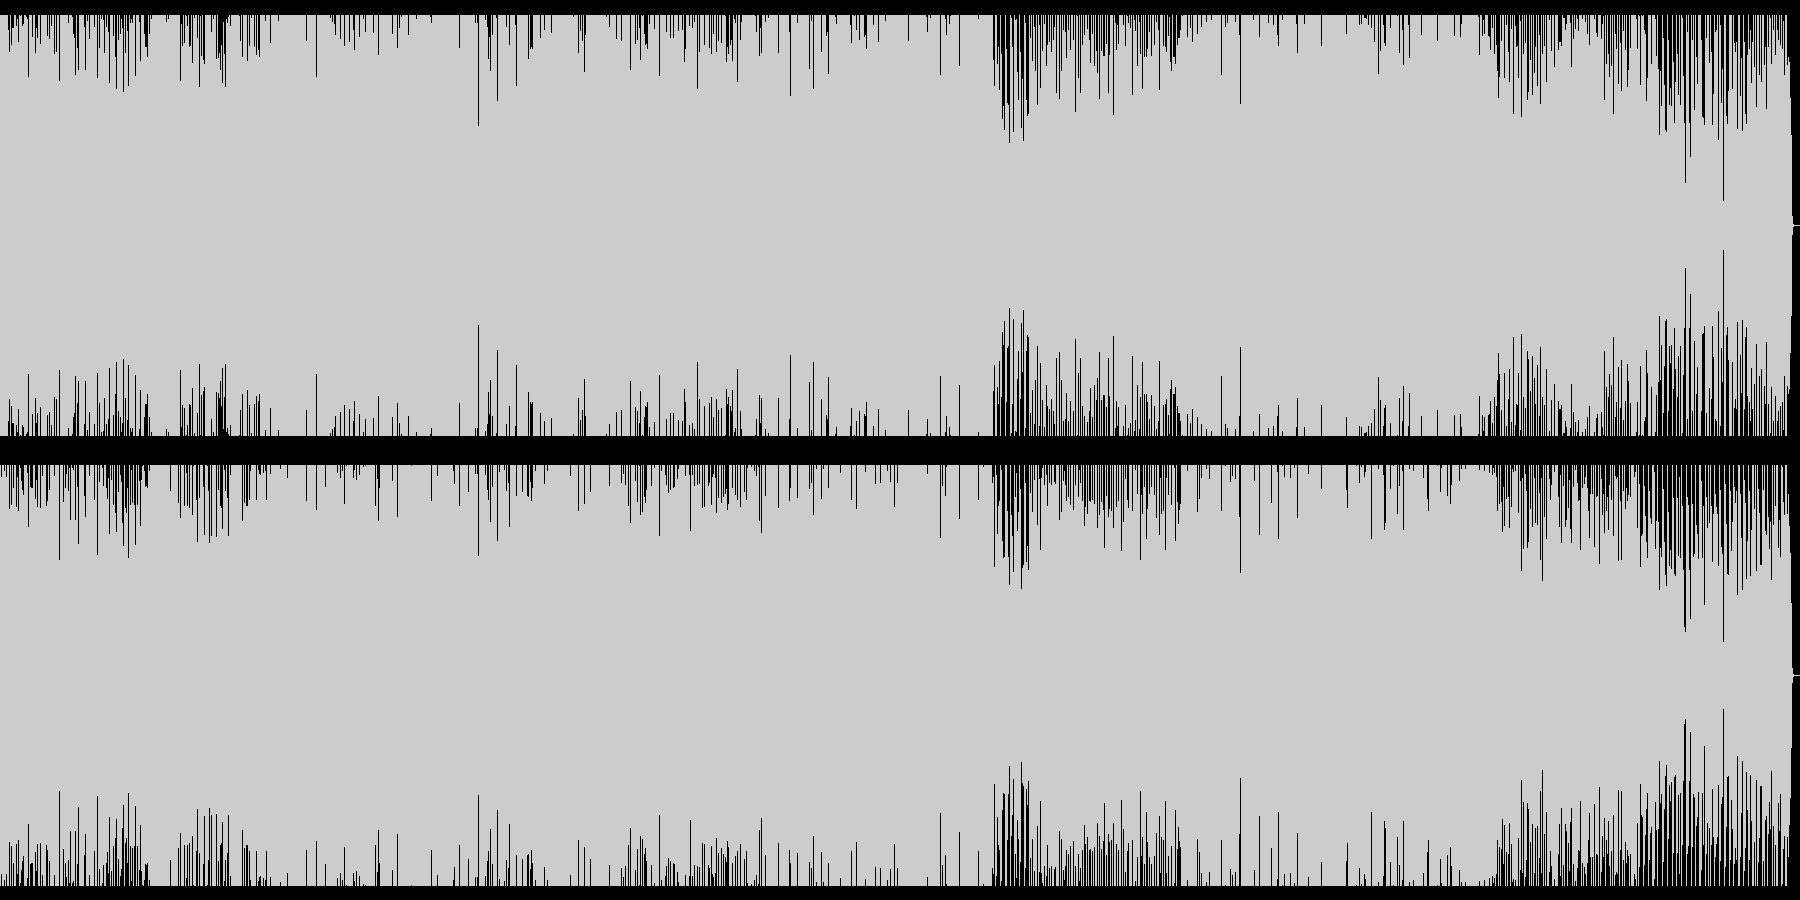 朝の目覚めをイメージしたEDMの未再生の波形